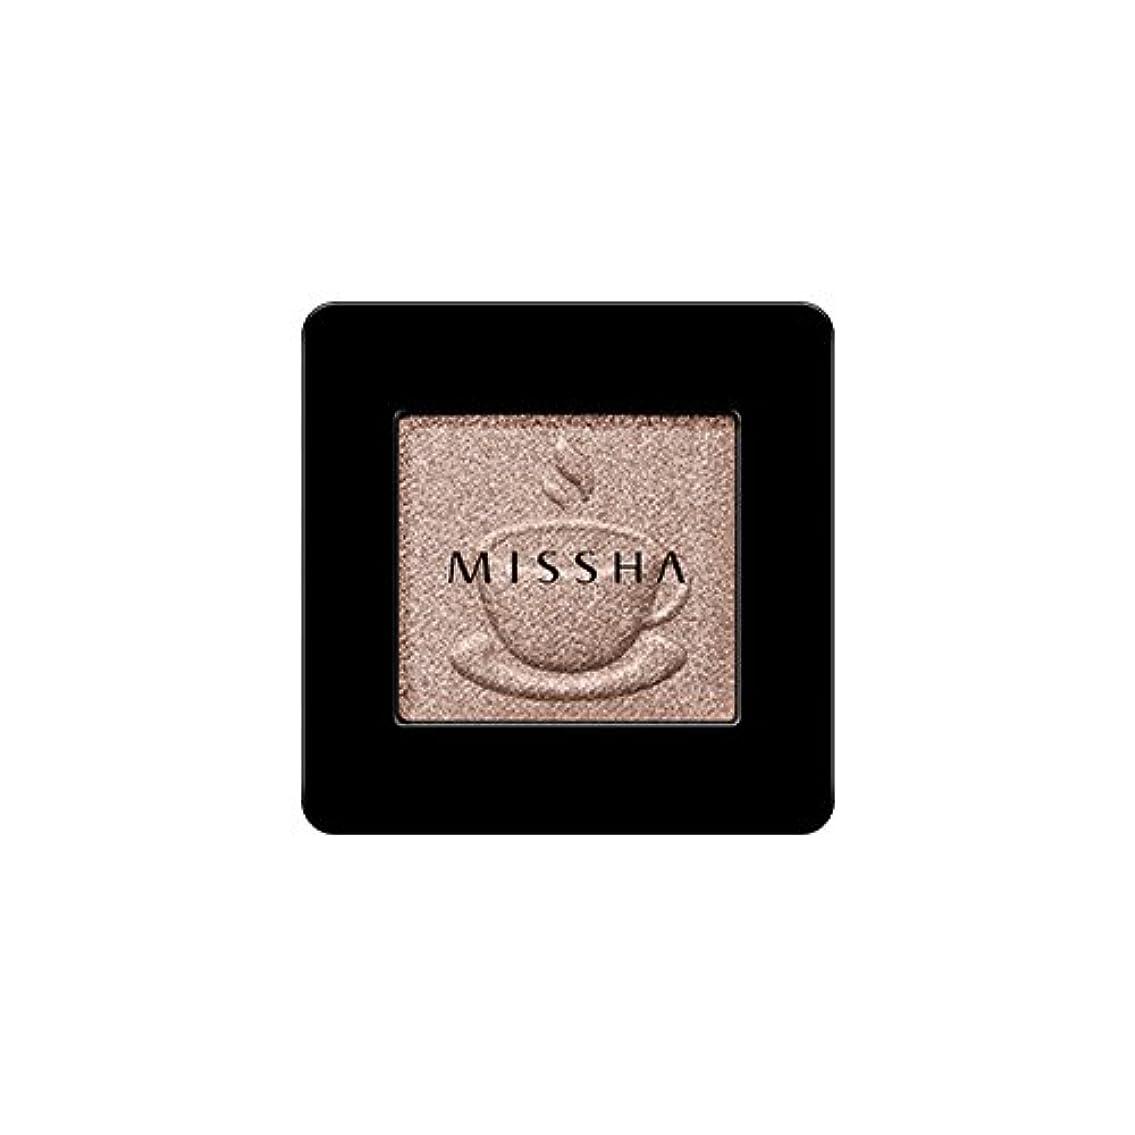 荒野優れたしてはいけません[2016 F/W New Color] MISSHA Modern Shadow [Shimmer]/ミシャ モダン シャドウ [シマー] (#SBE03 Chocolate Beige)